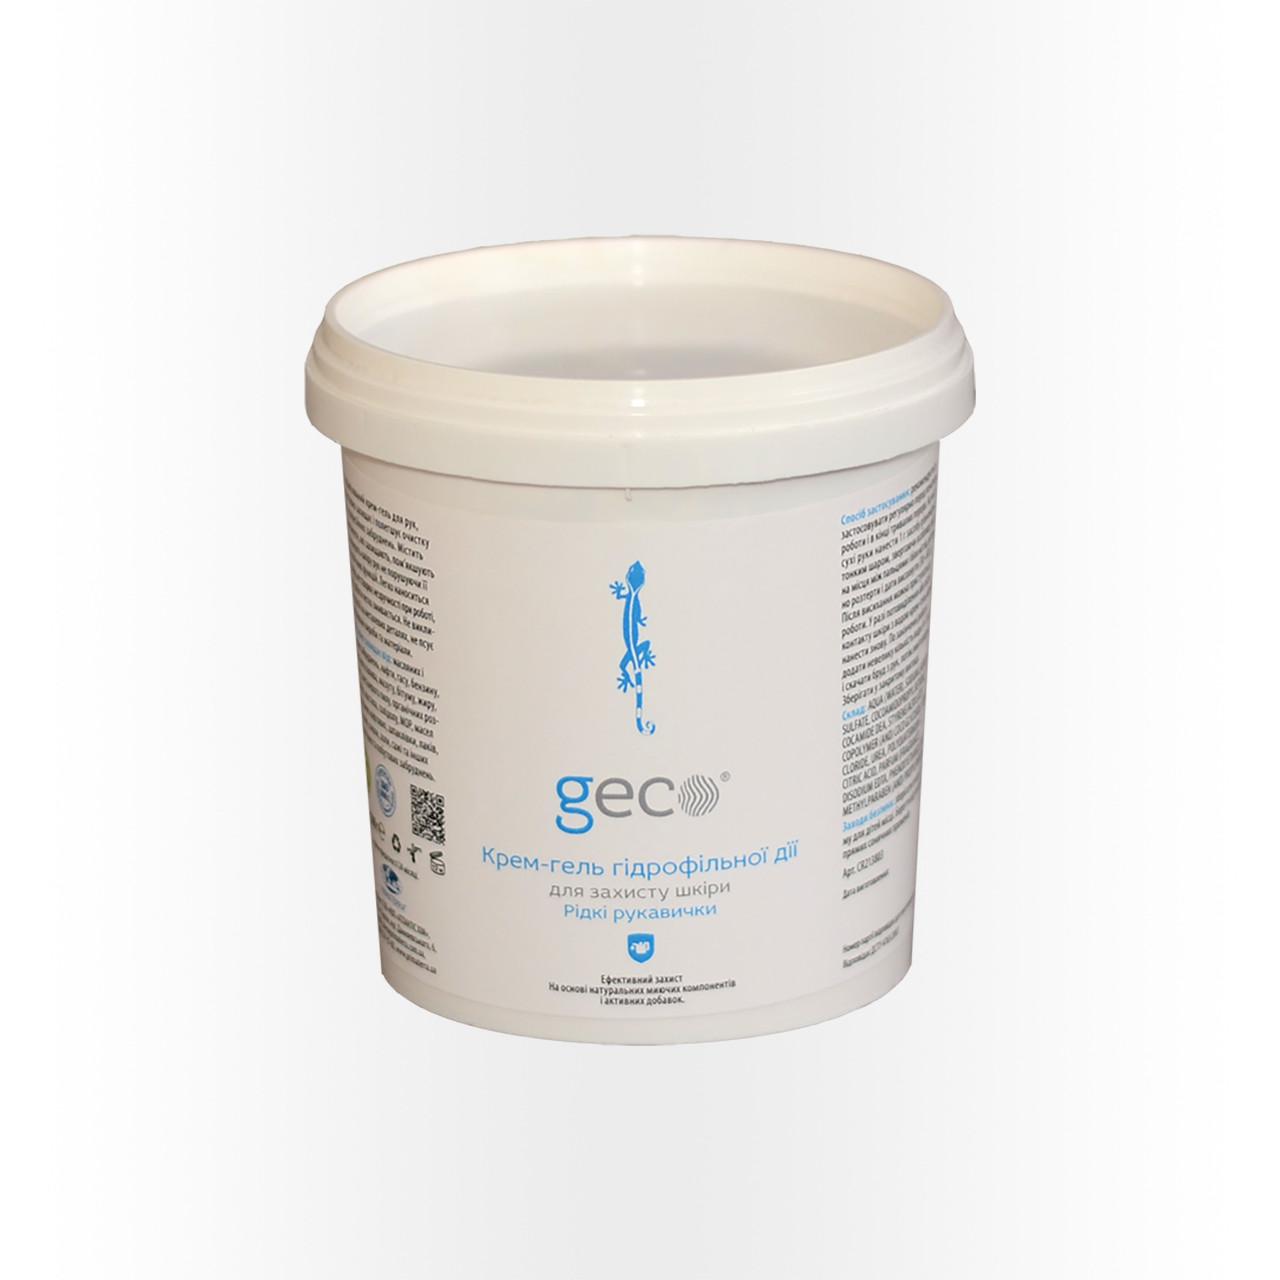 Жидкие перчатки GECO, крем-гель гидрофильный, 0.5 кг